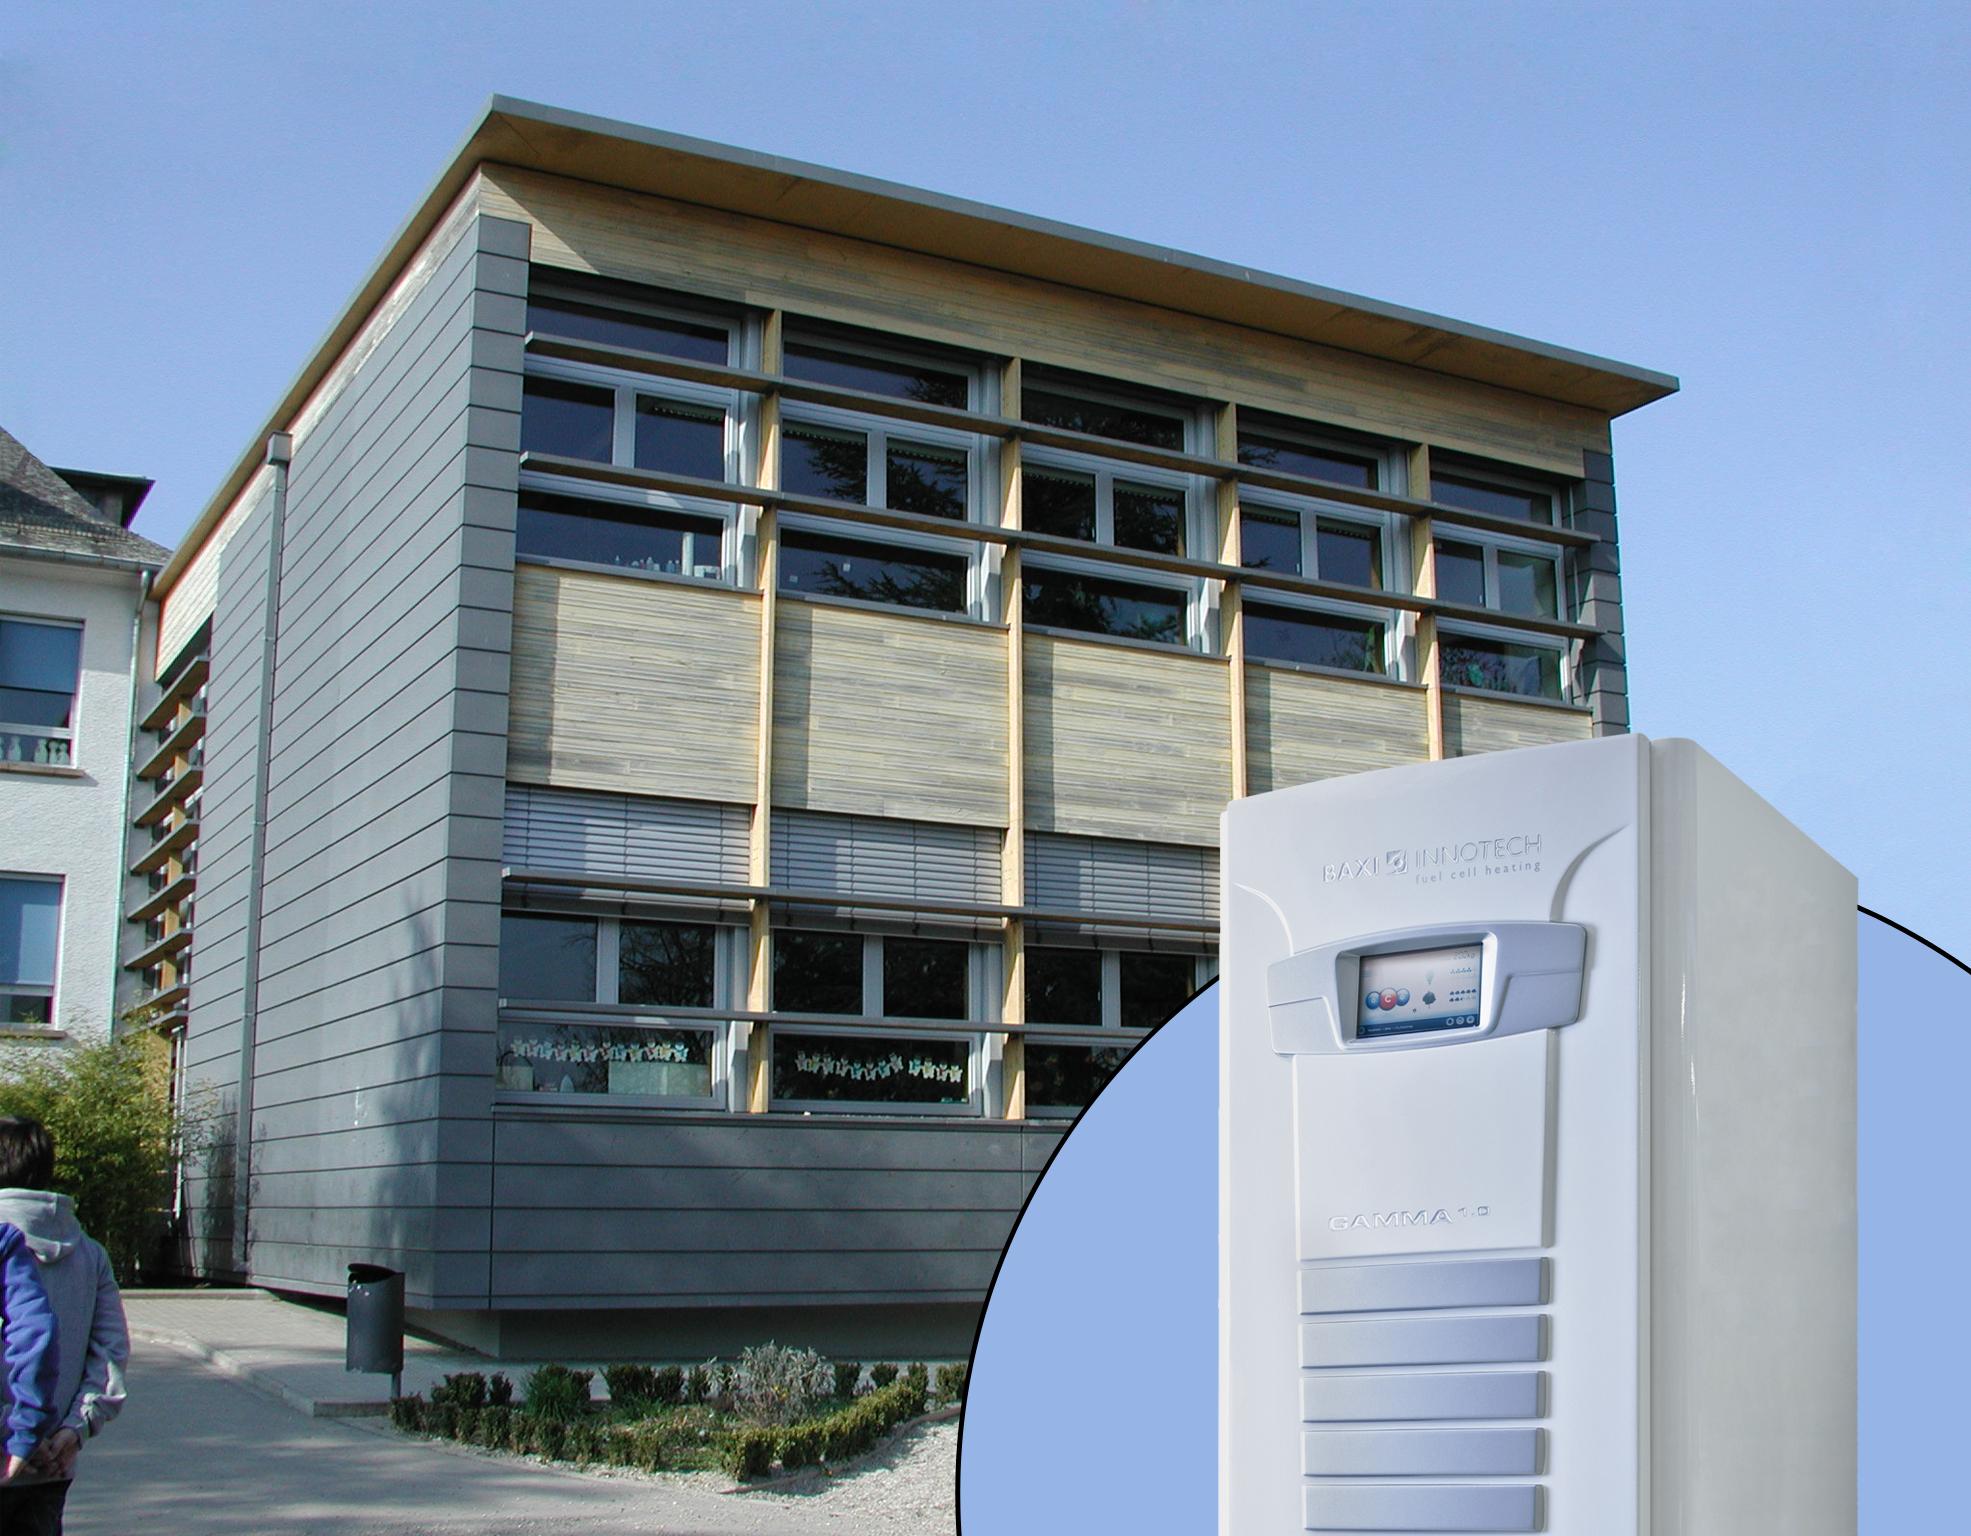 Luxemburg führt erste Brennstoffzellen Heizung